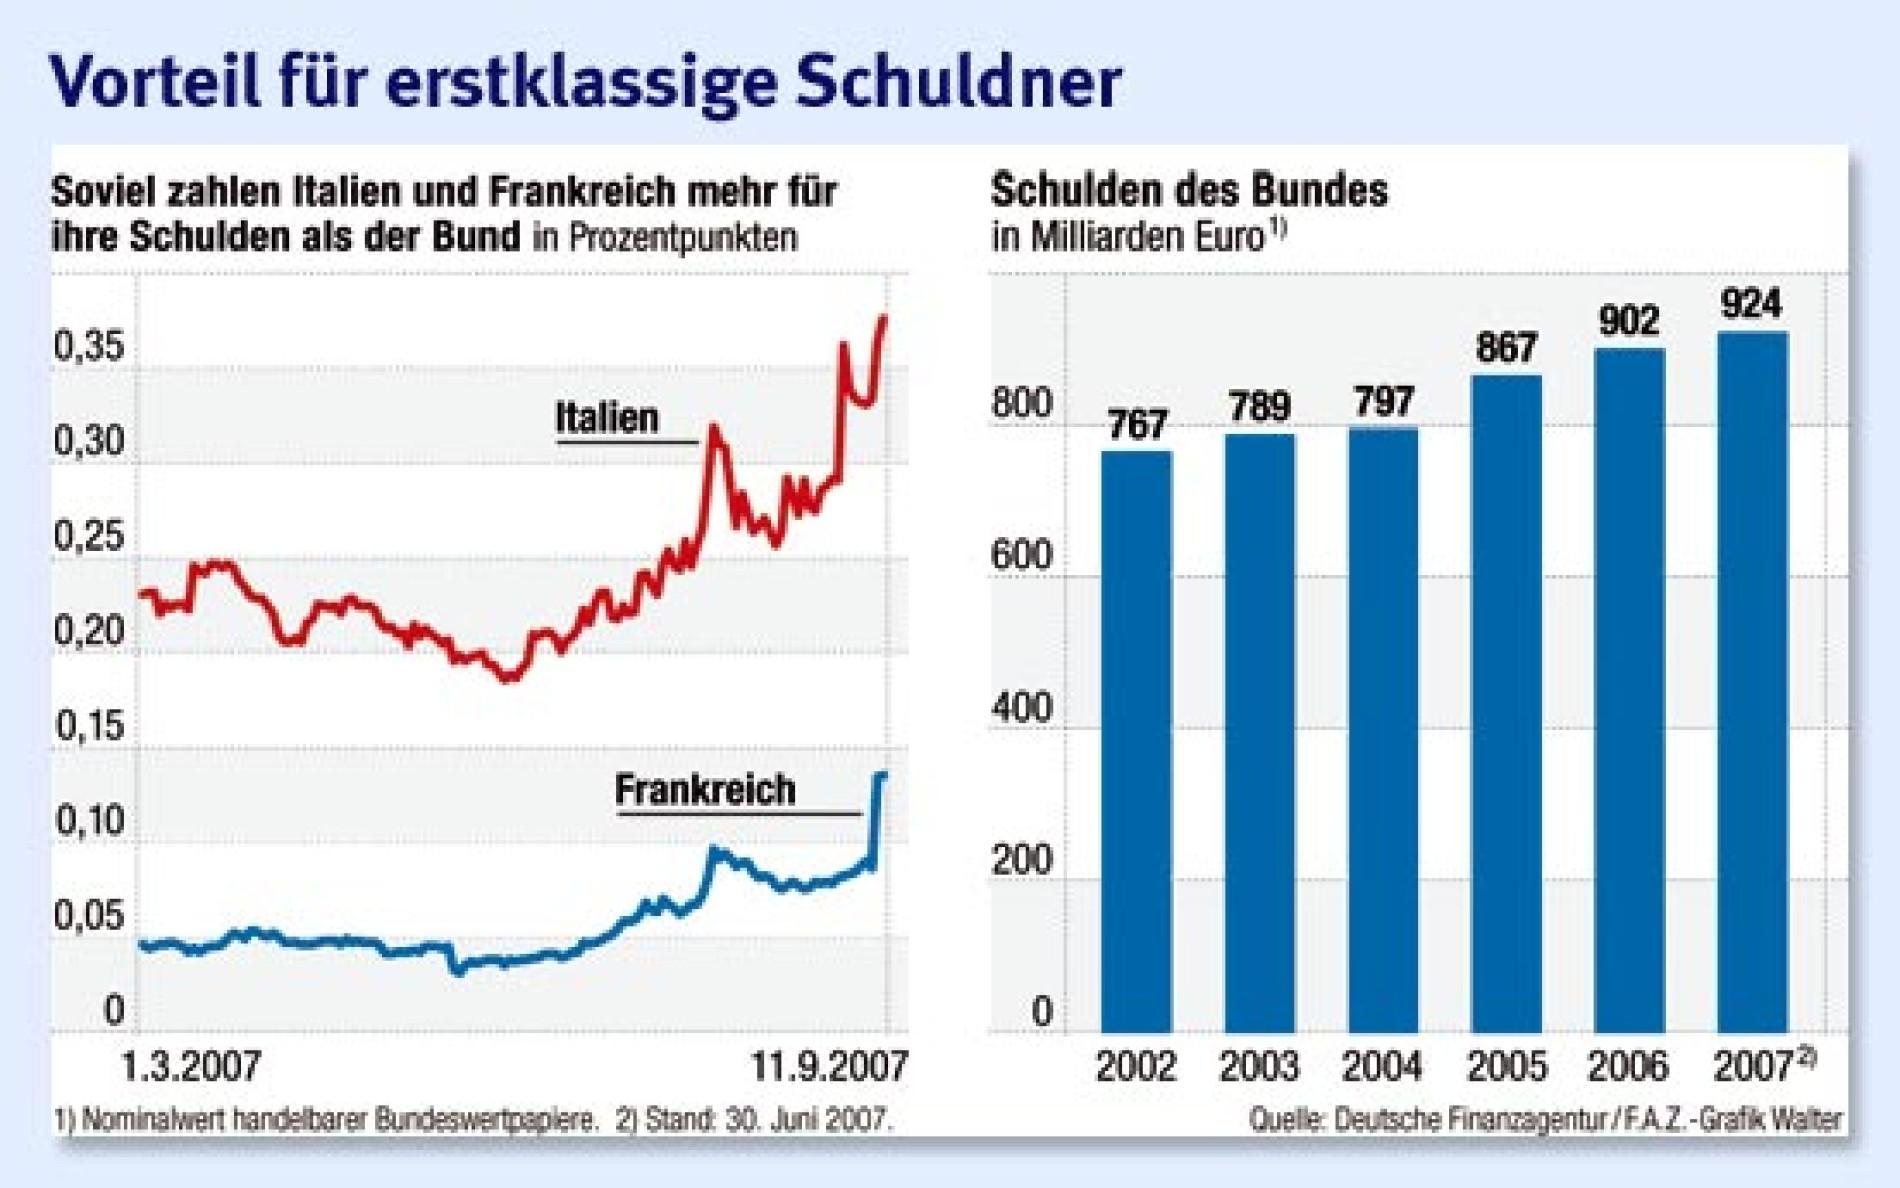 staatsanleihen run auf bundesschuld drückt verzinsung unter  festgeld aktuell deutlich rentabler als bundesanleihen #11